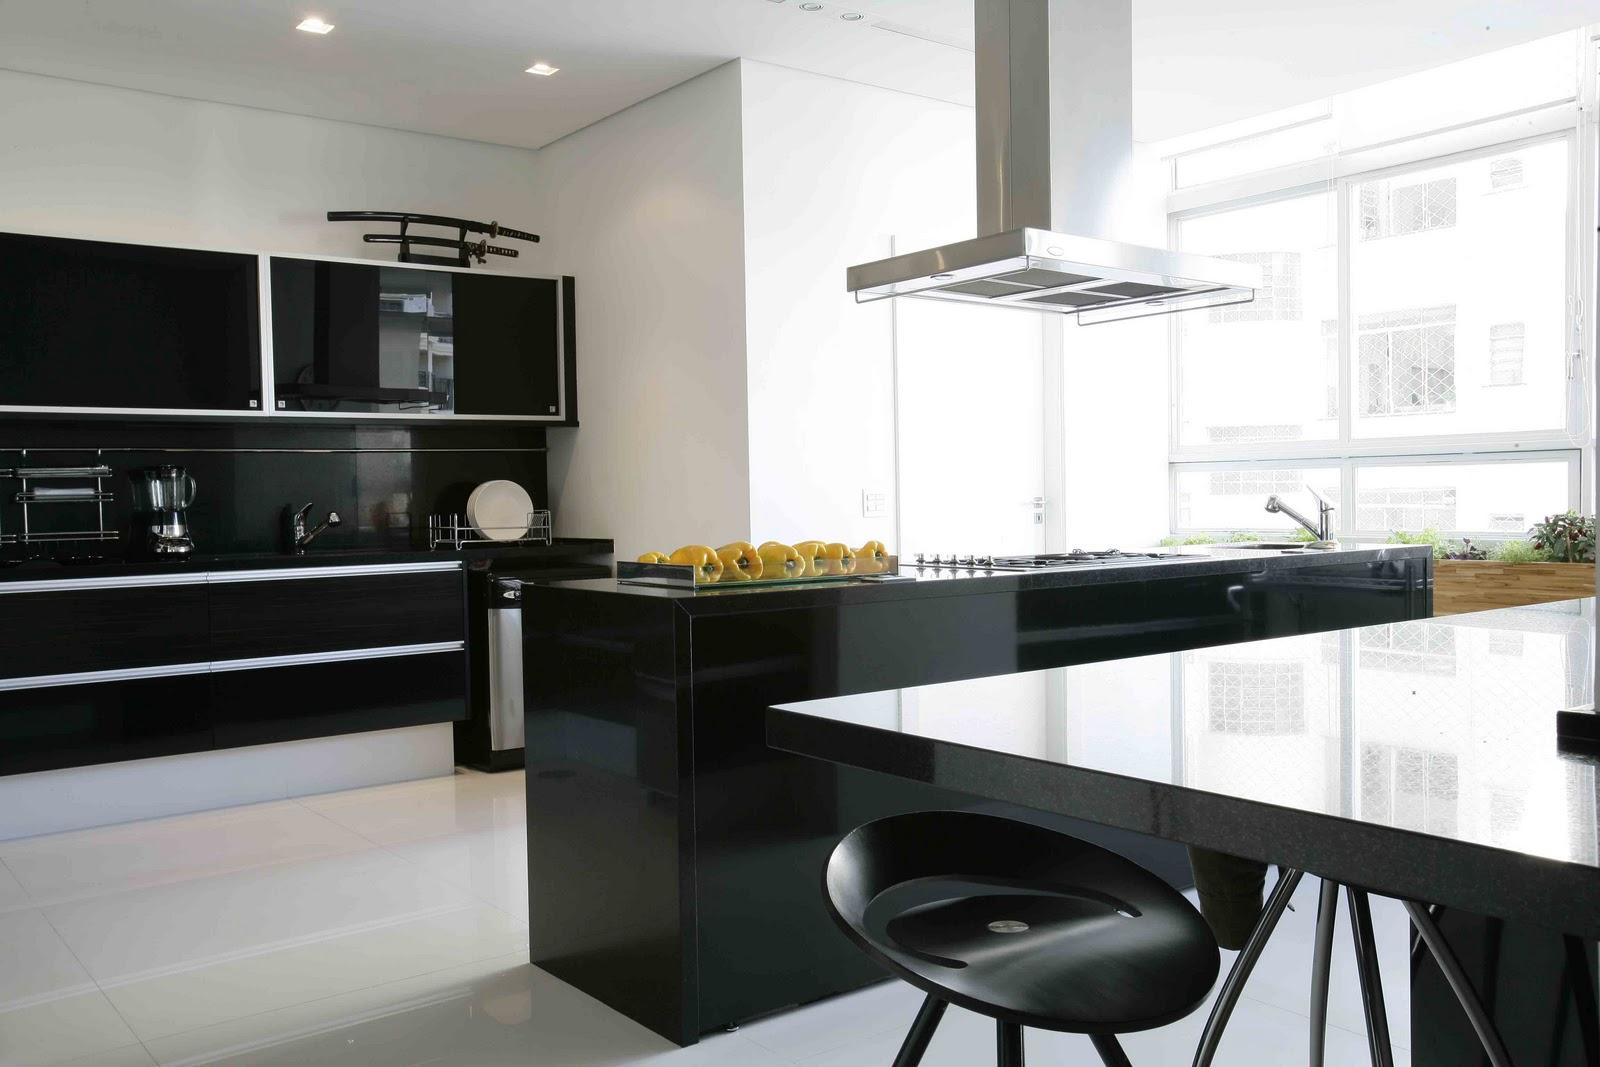 Reformando a minha cozinha :): Março 2011 #7D6A44 1600 1067